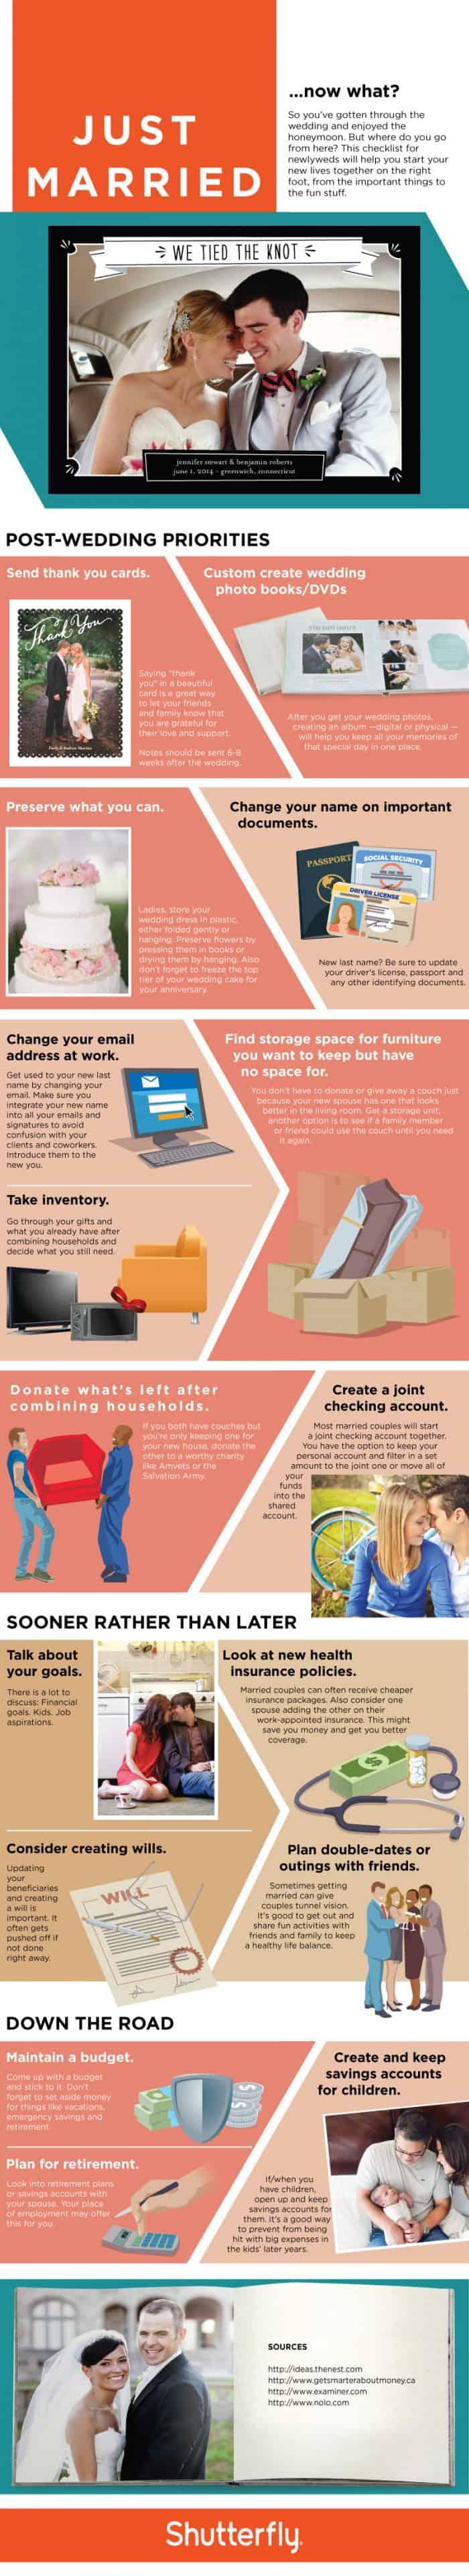 Wedding Checklist Infographic